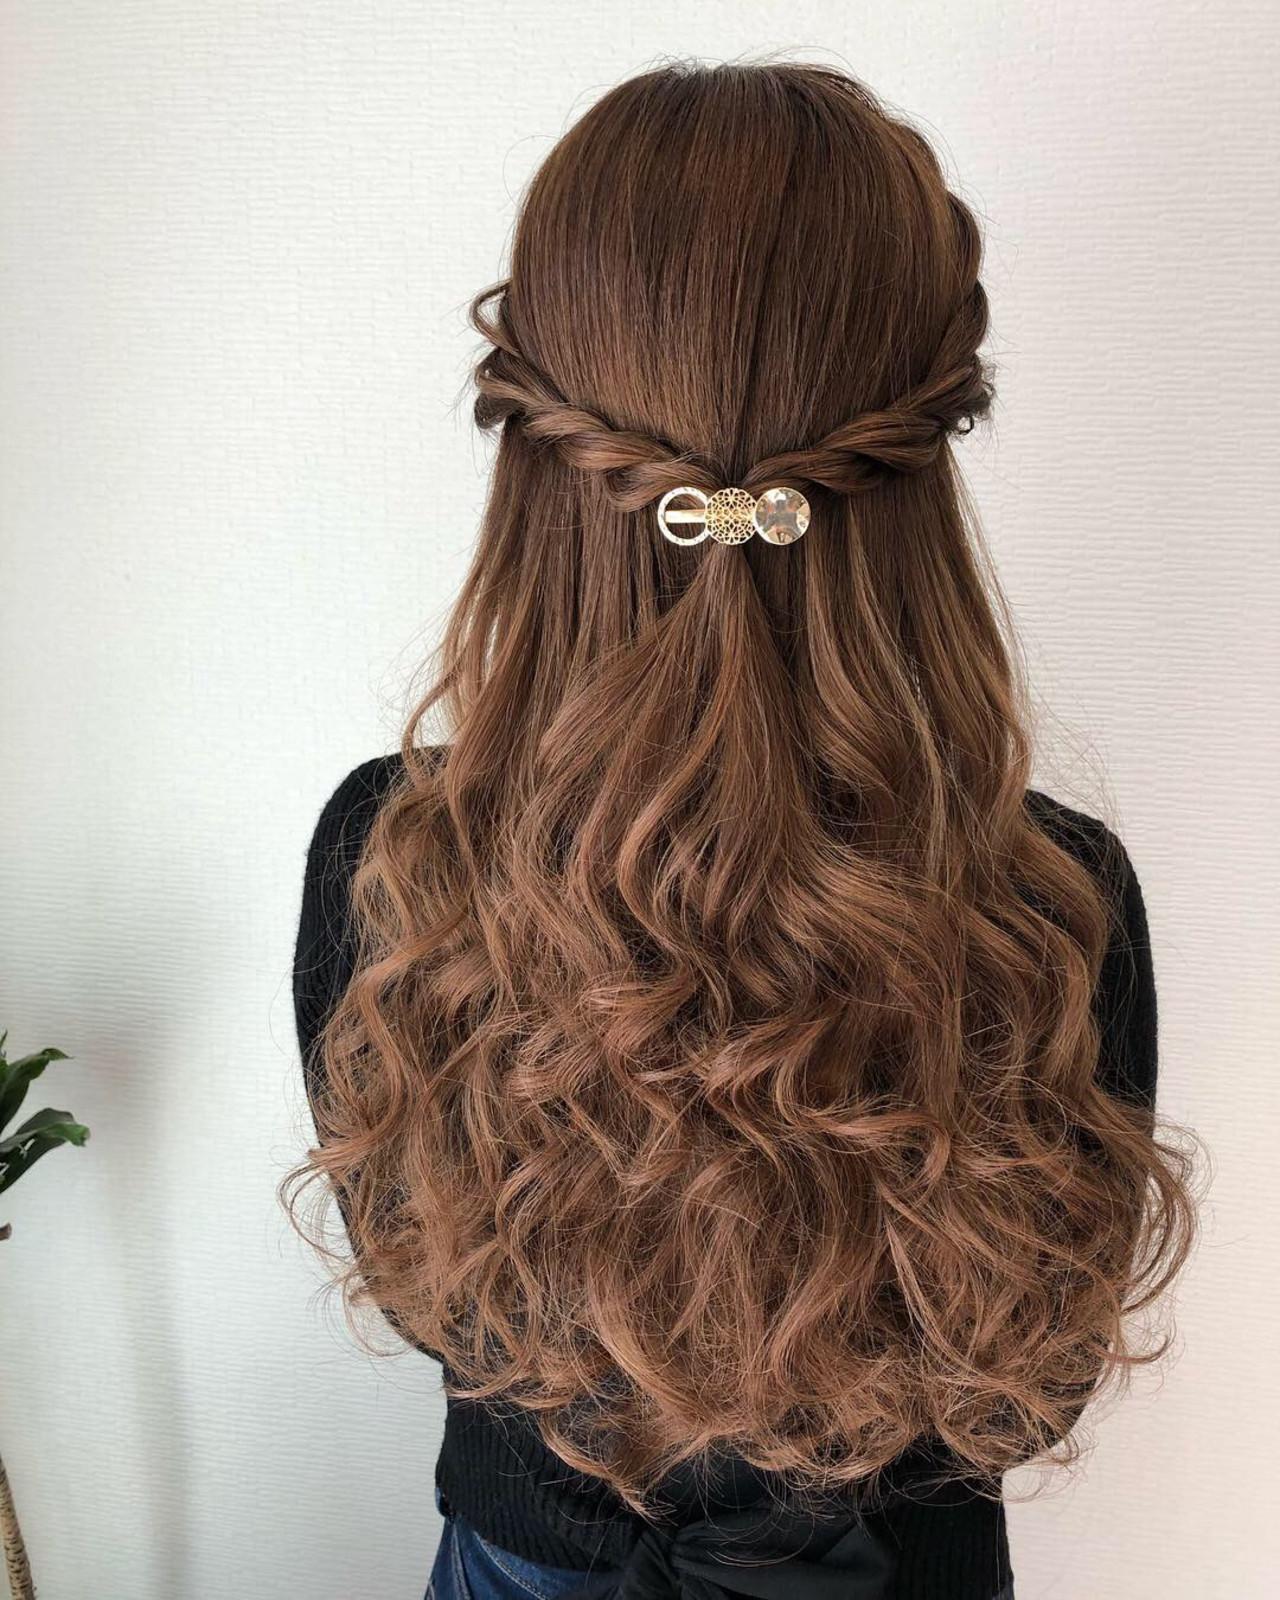 ねじり ロング フェミニン ハーフアップ ヘアスタイルや髪型の写真・画像